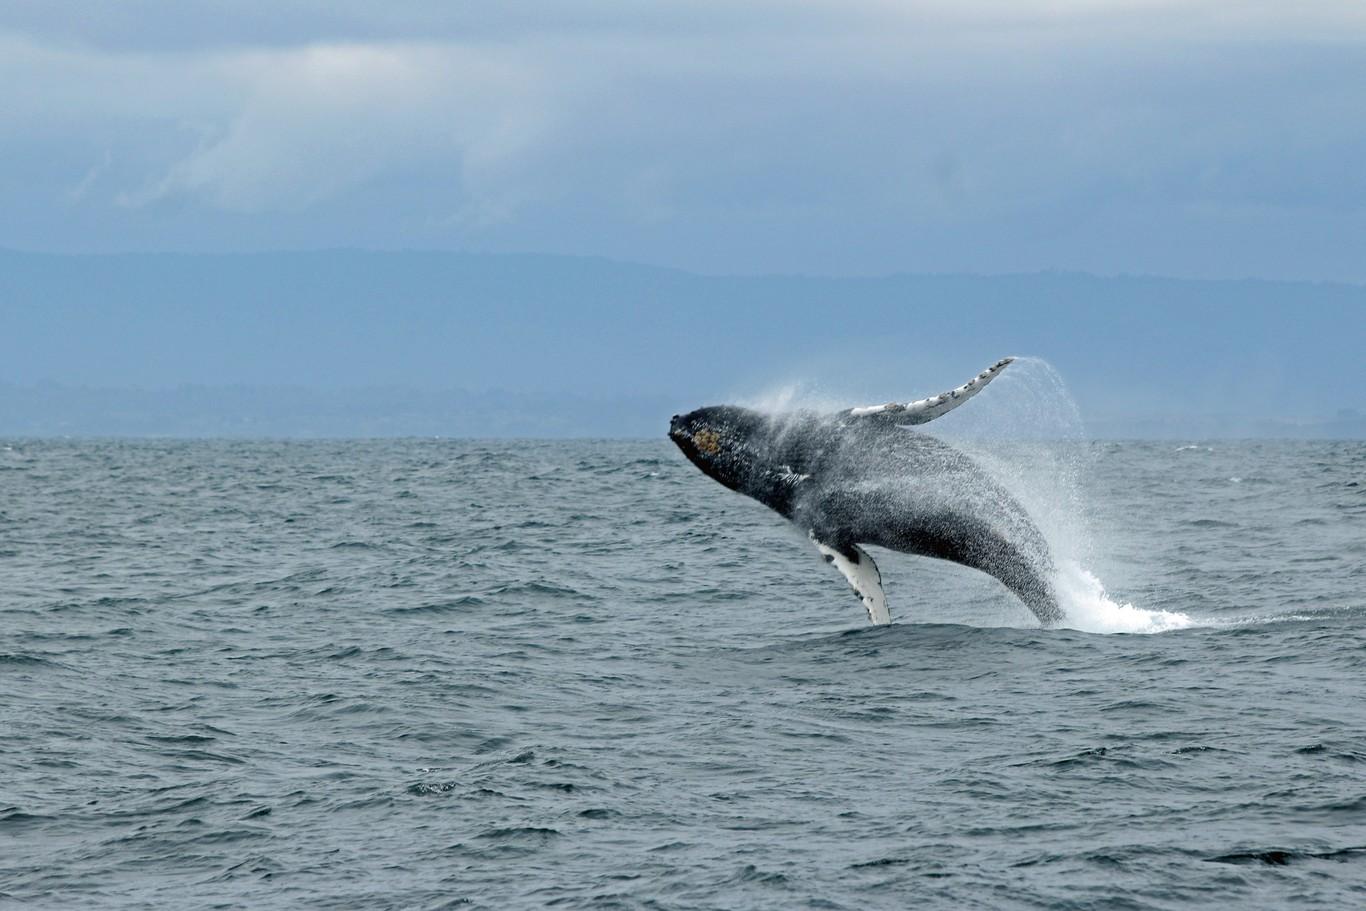 Más de mil ballenas han muerto en el Pacífico solo este año y nadie sabe por qué